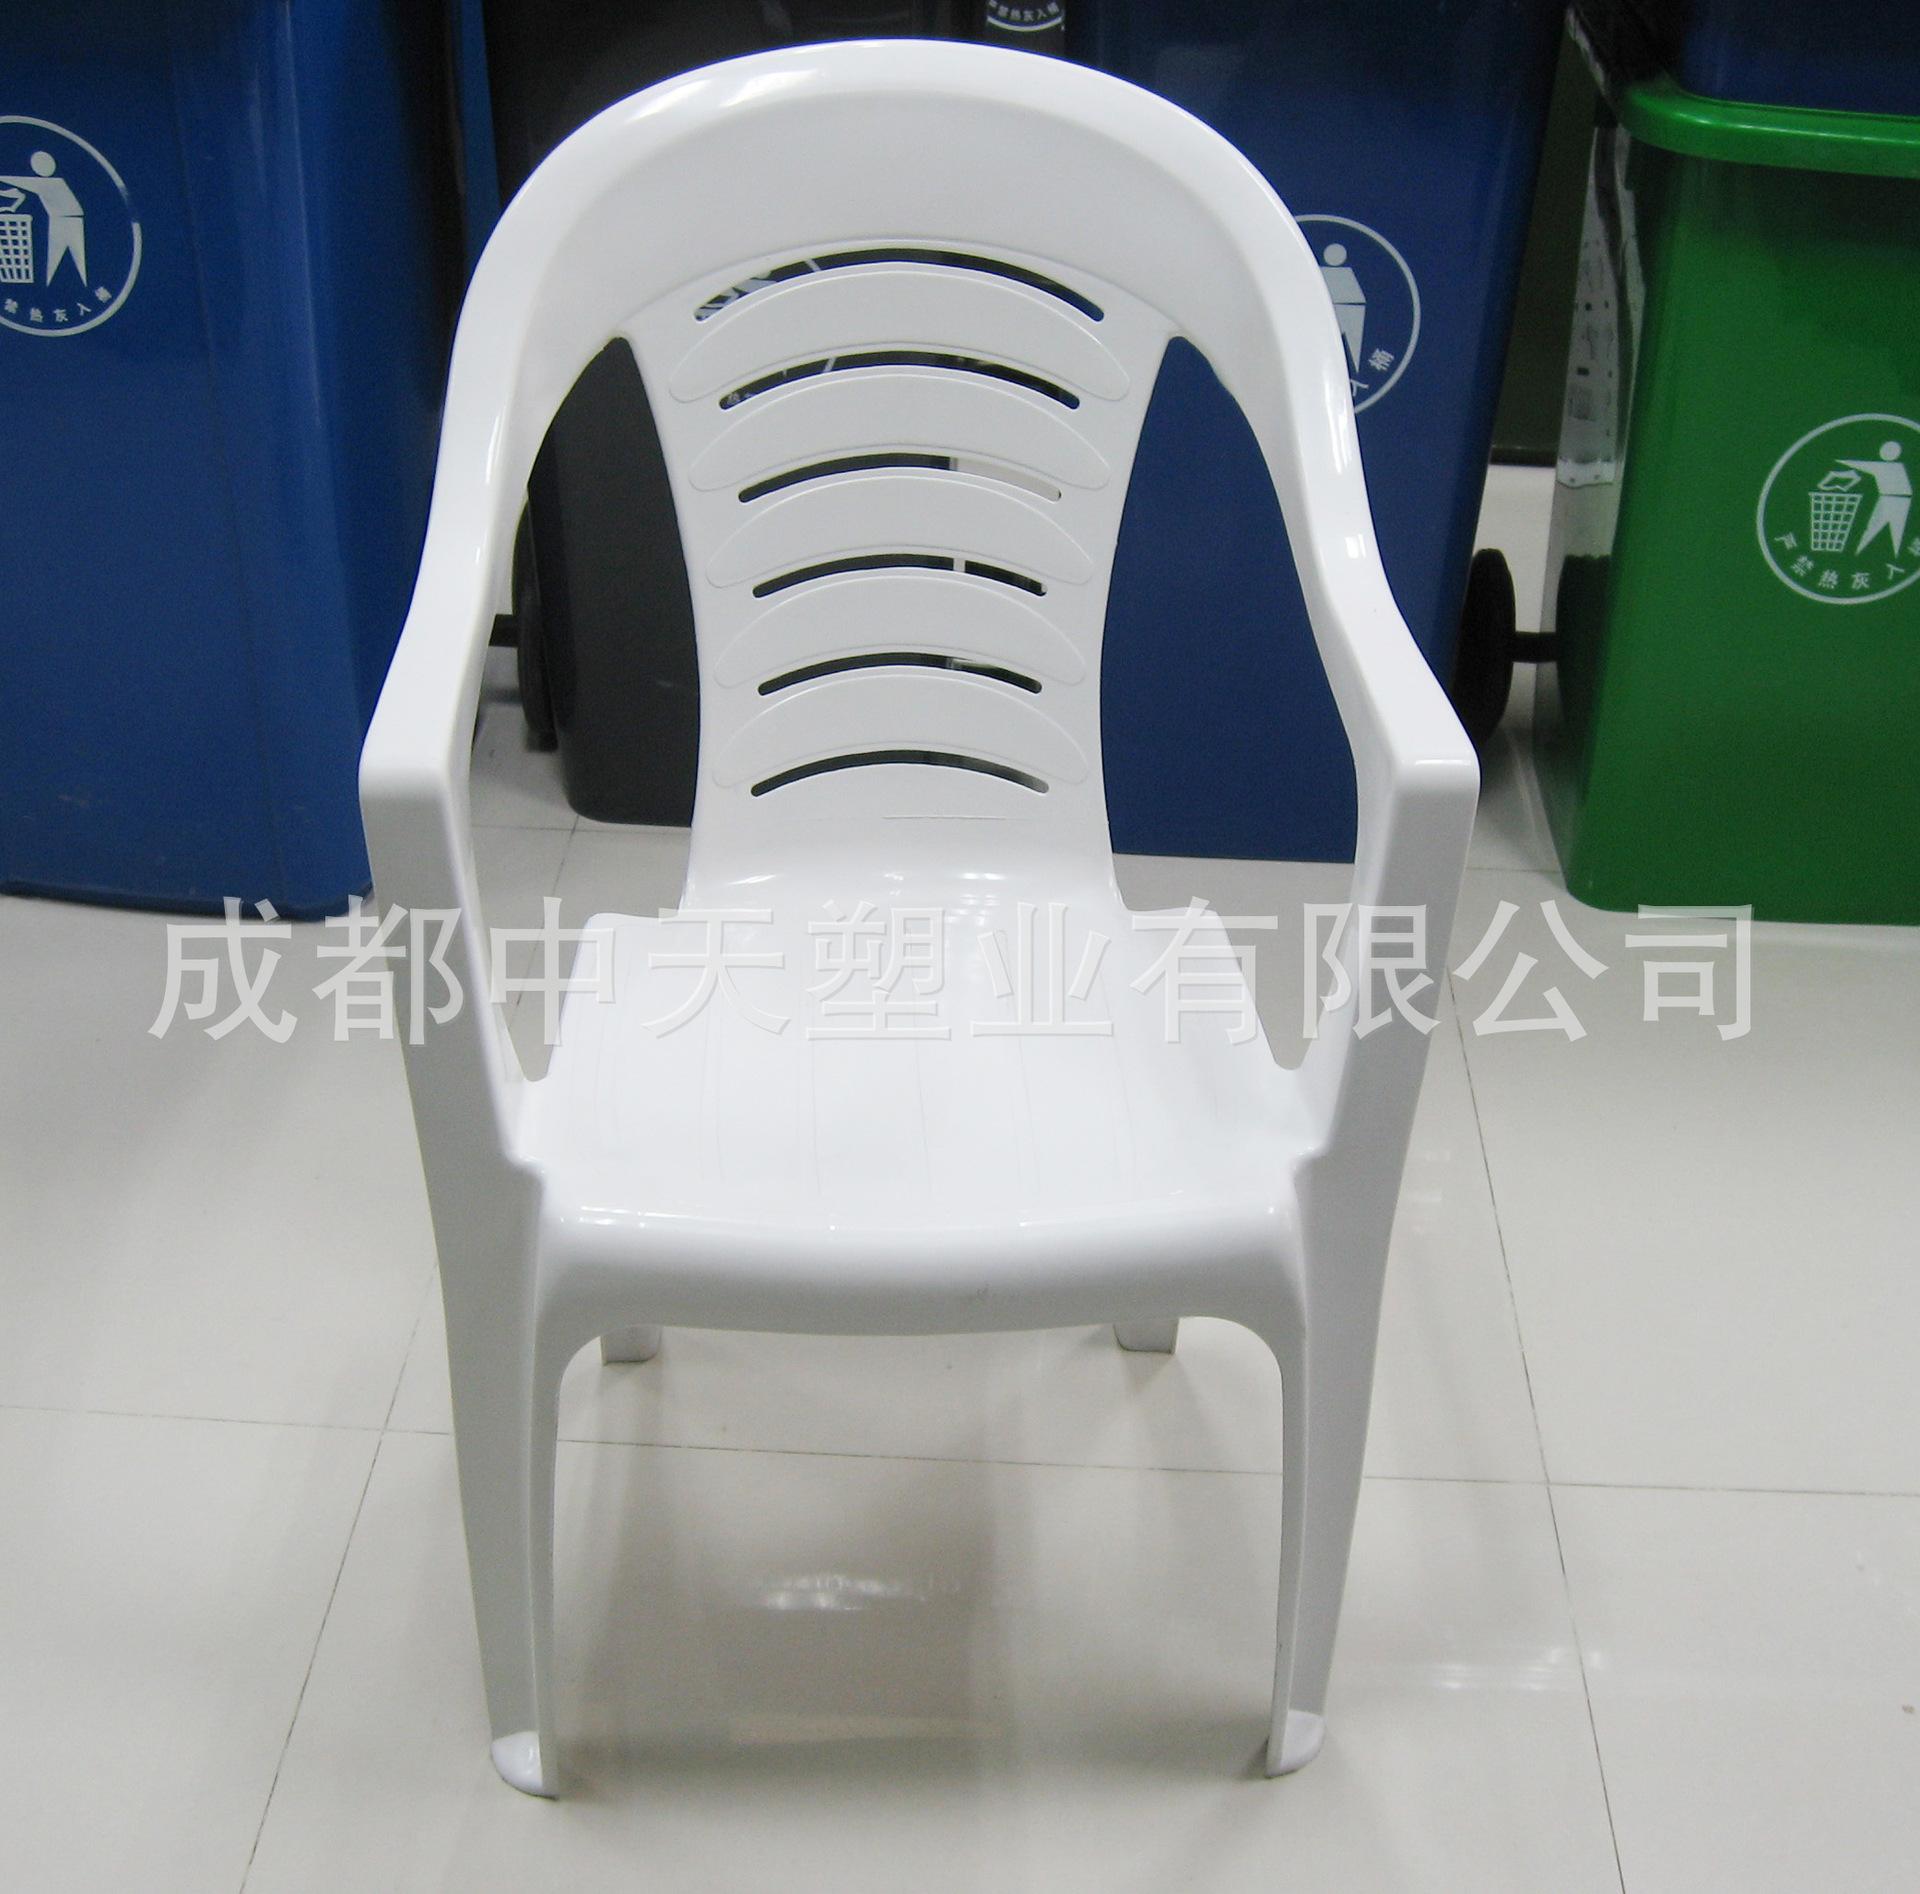 四川成都塑料桌椅  塑料桌椅 塑料椅  带扶手椅子 109椅厂家直销